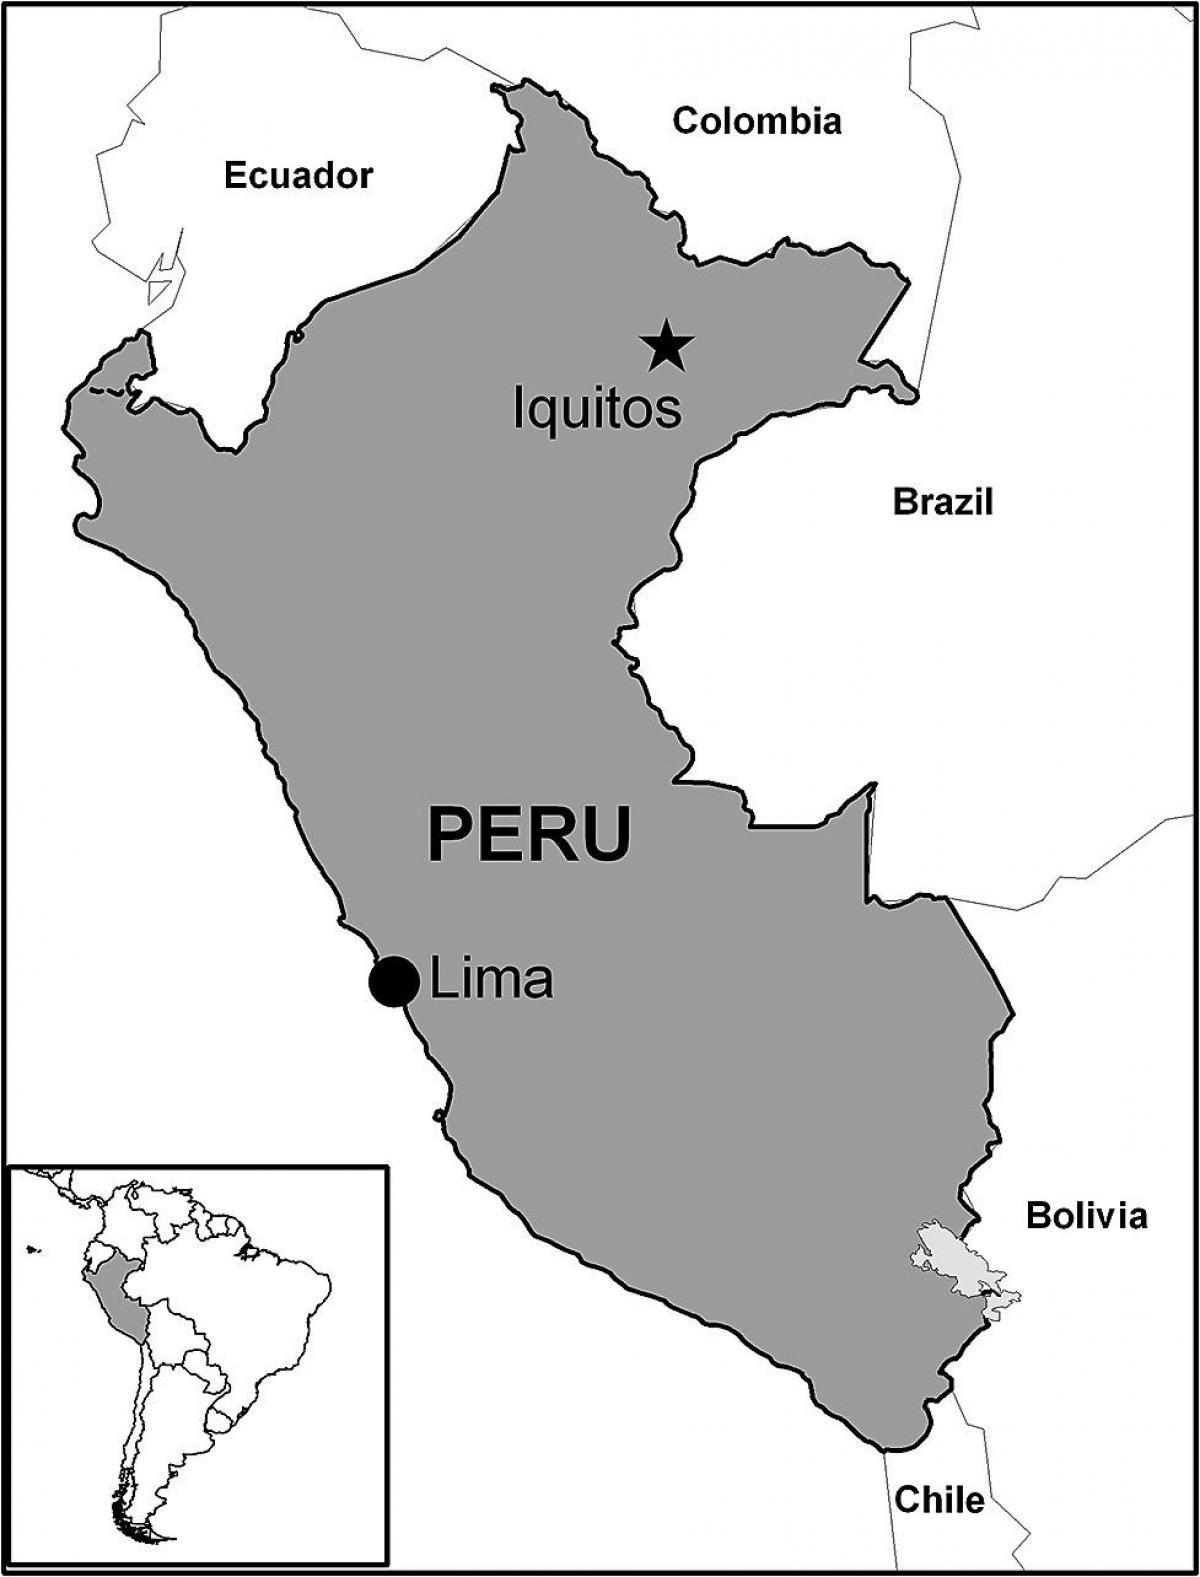 Peru Karte Südamerika.Iquitos Peru Karte Karte Von Iquitos Peru South America